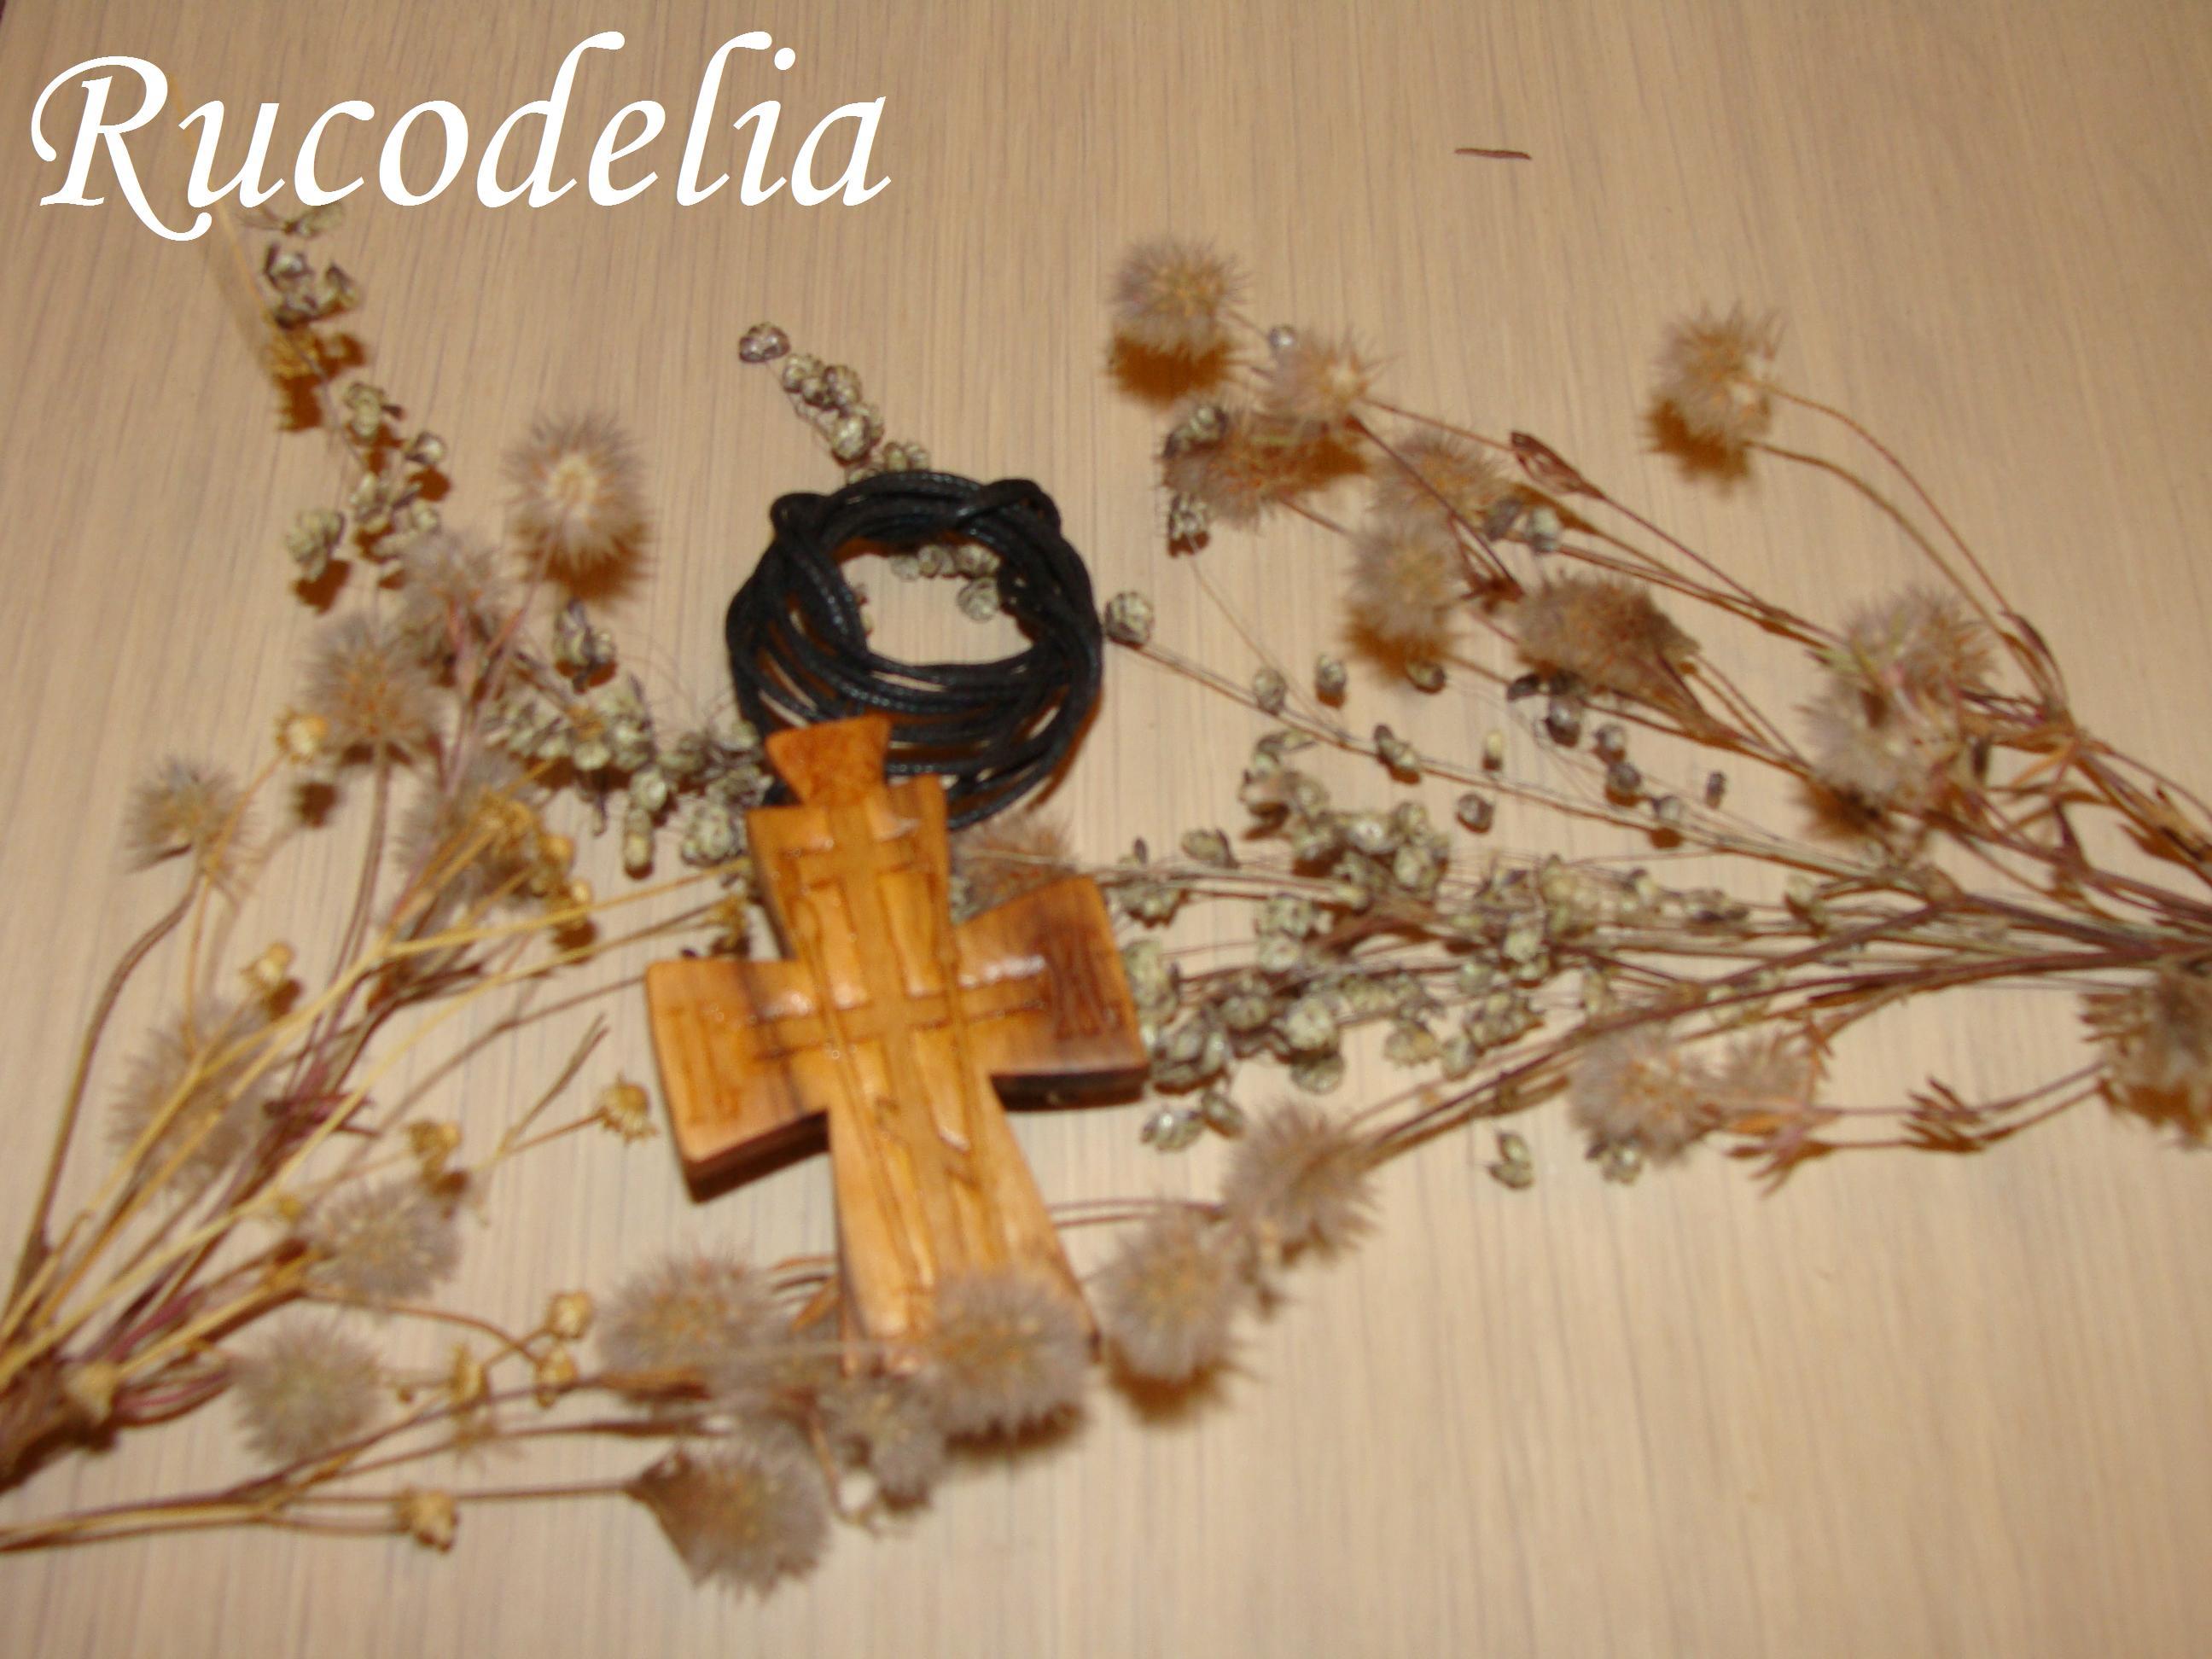 Cruci mari sculptate în lemn